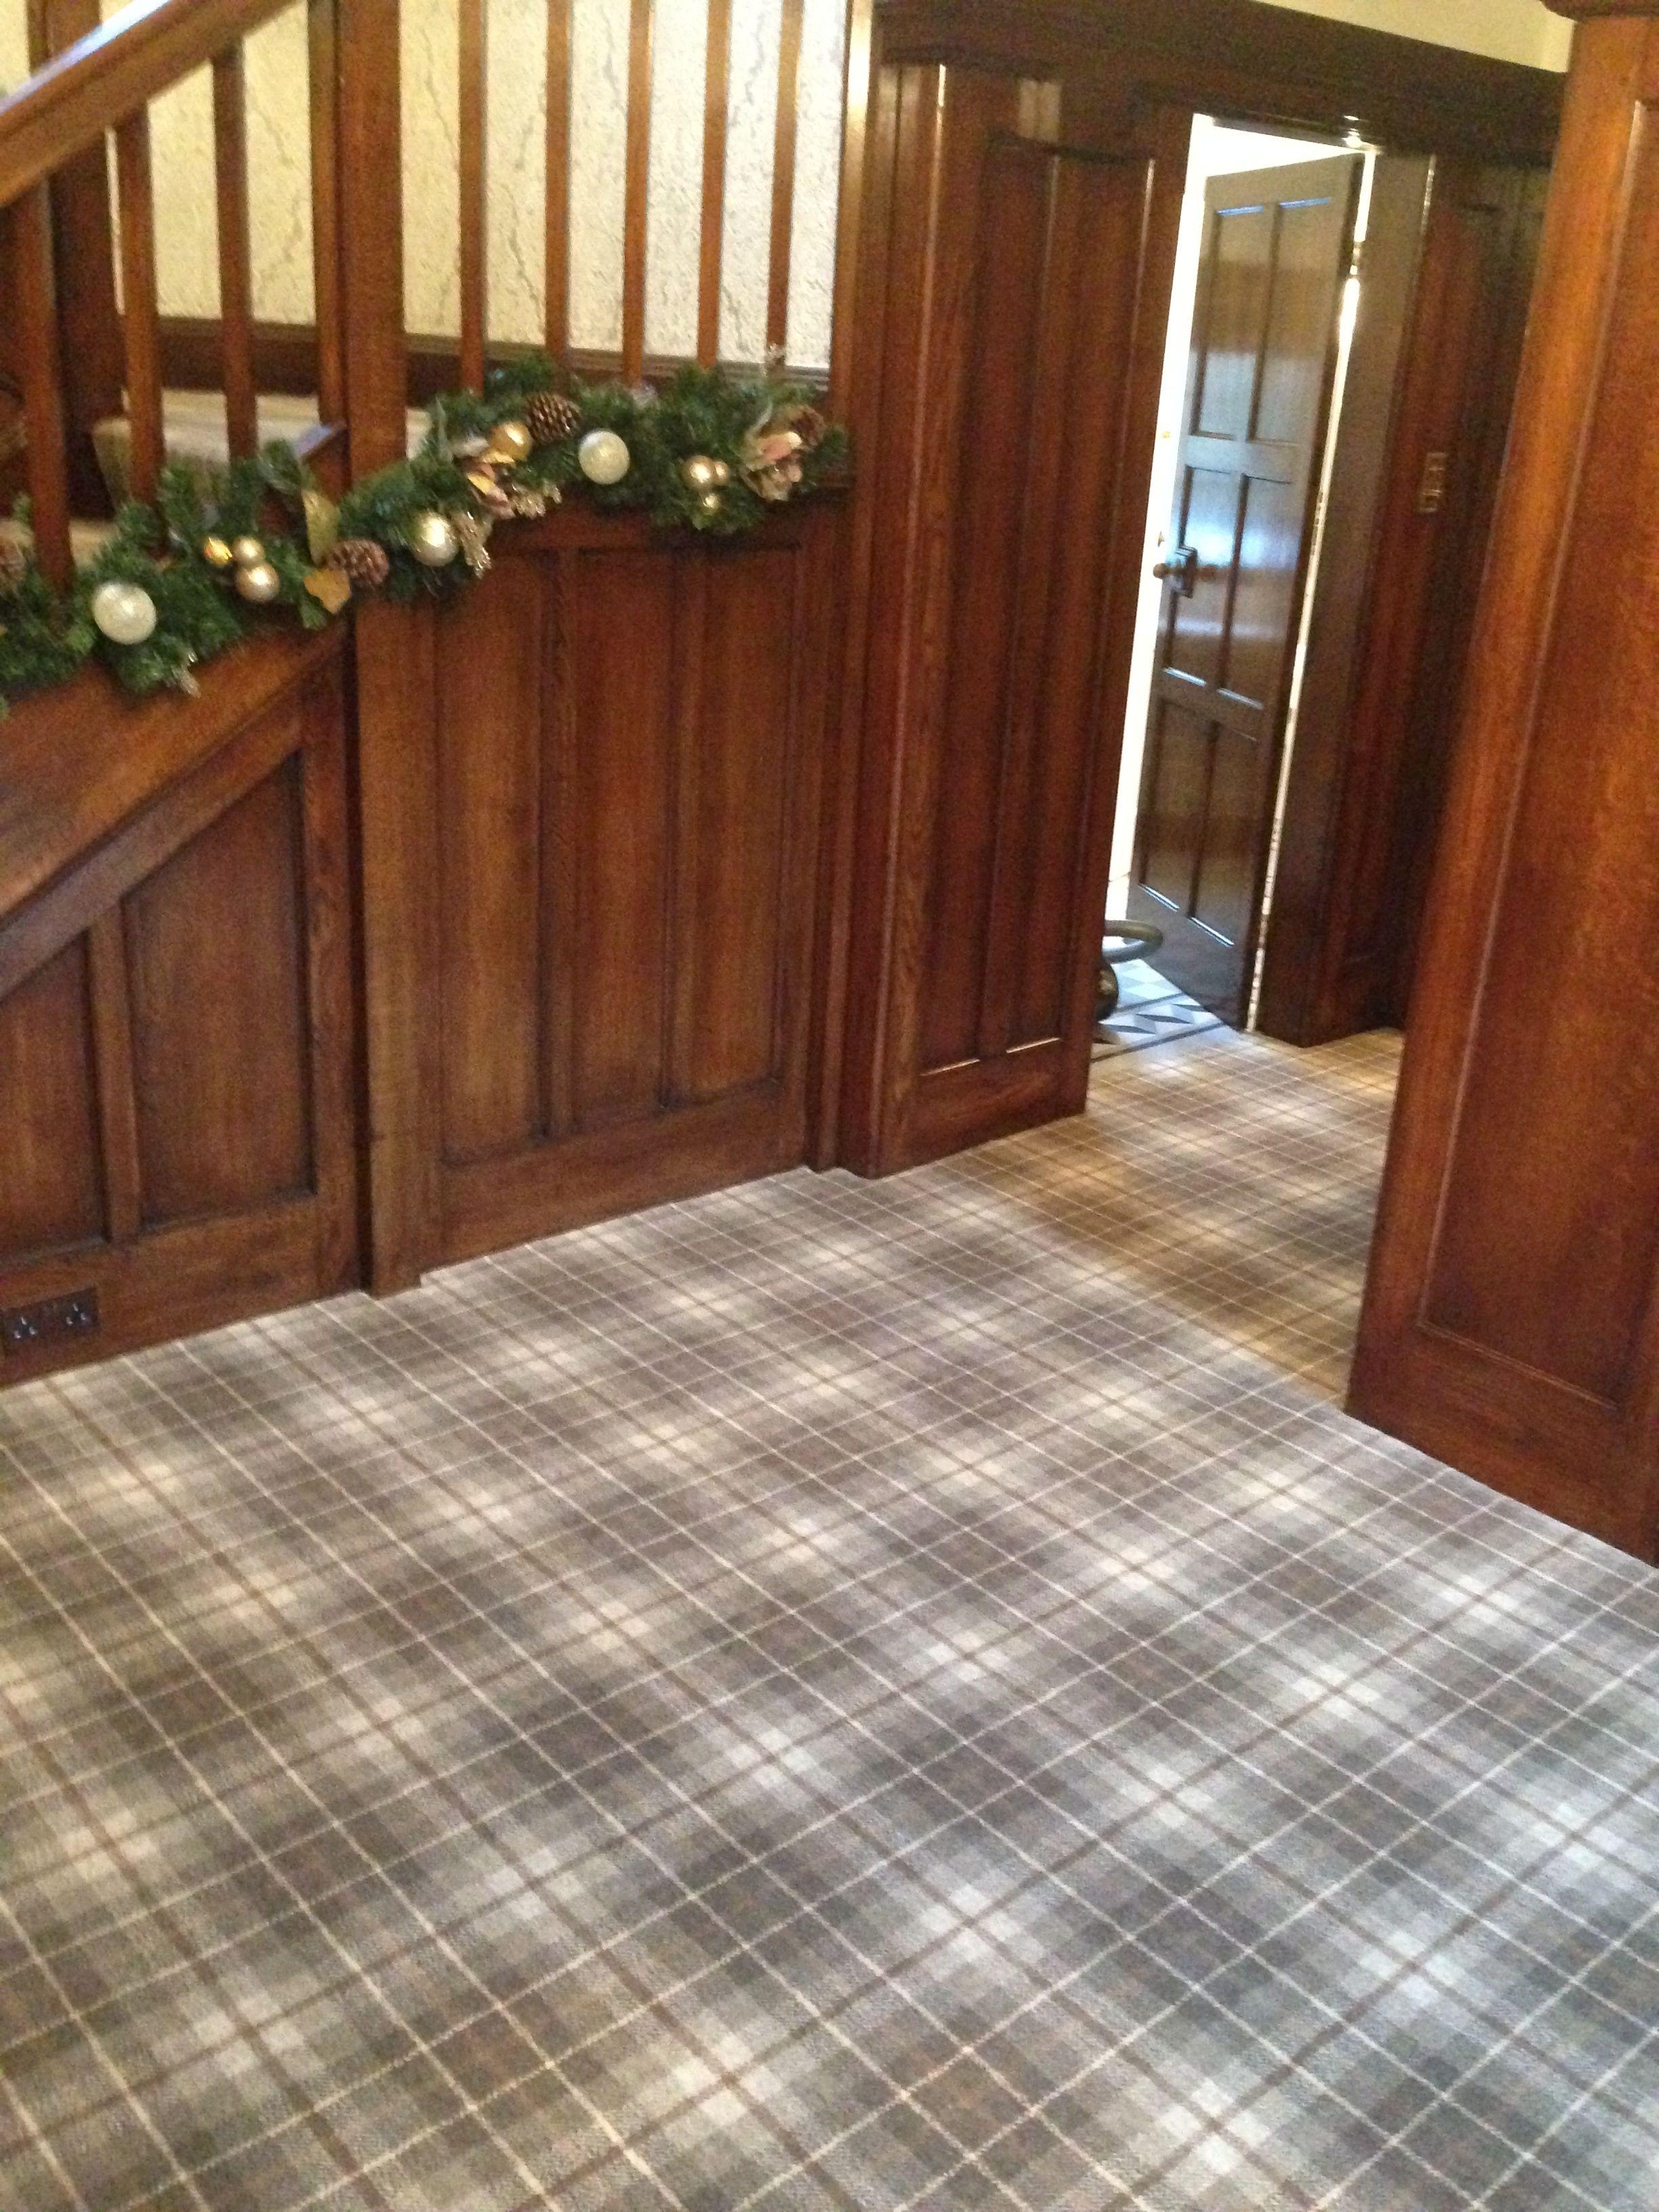 13 Tartan Carpet Idea Rooms Tartan Carpet Carpet Stairs Stair Runner Carpet